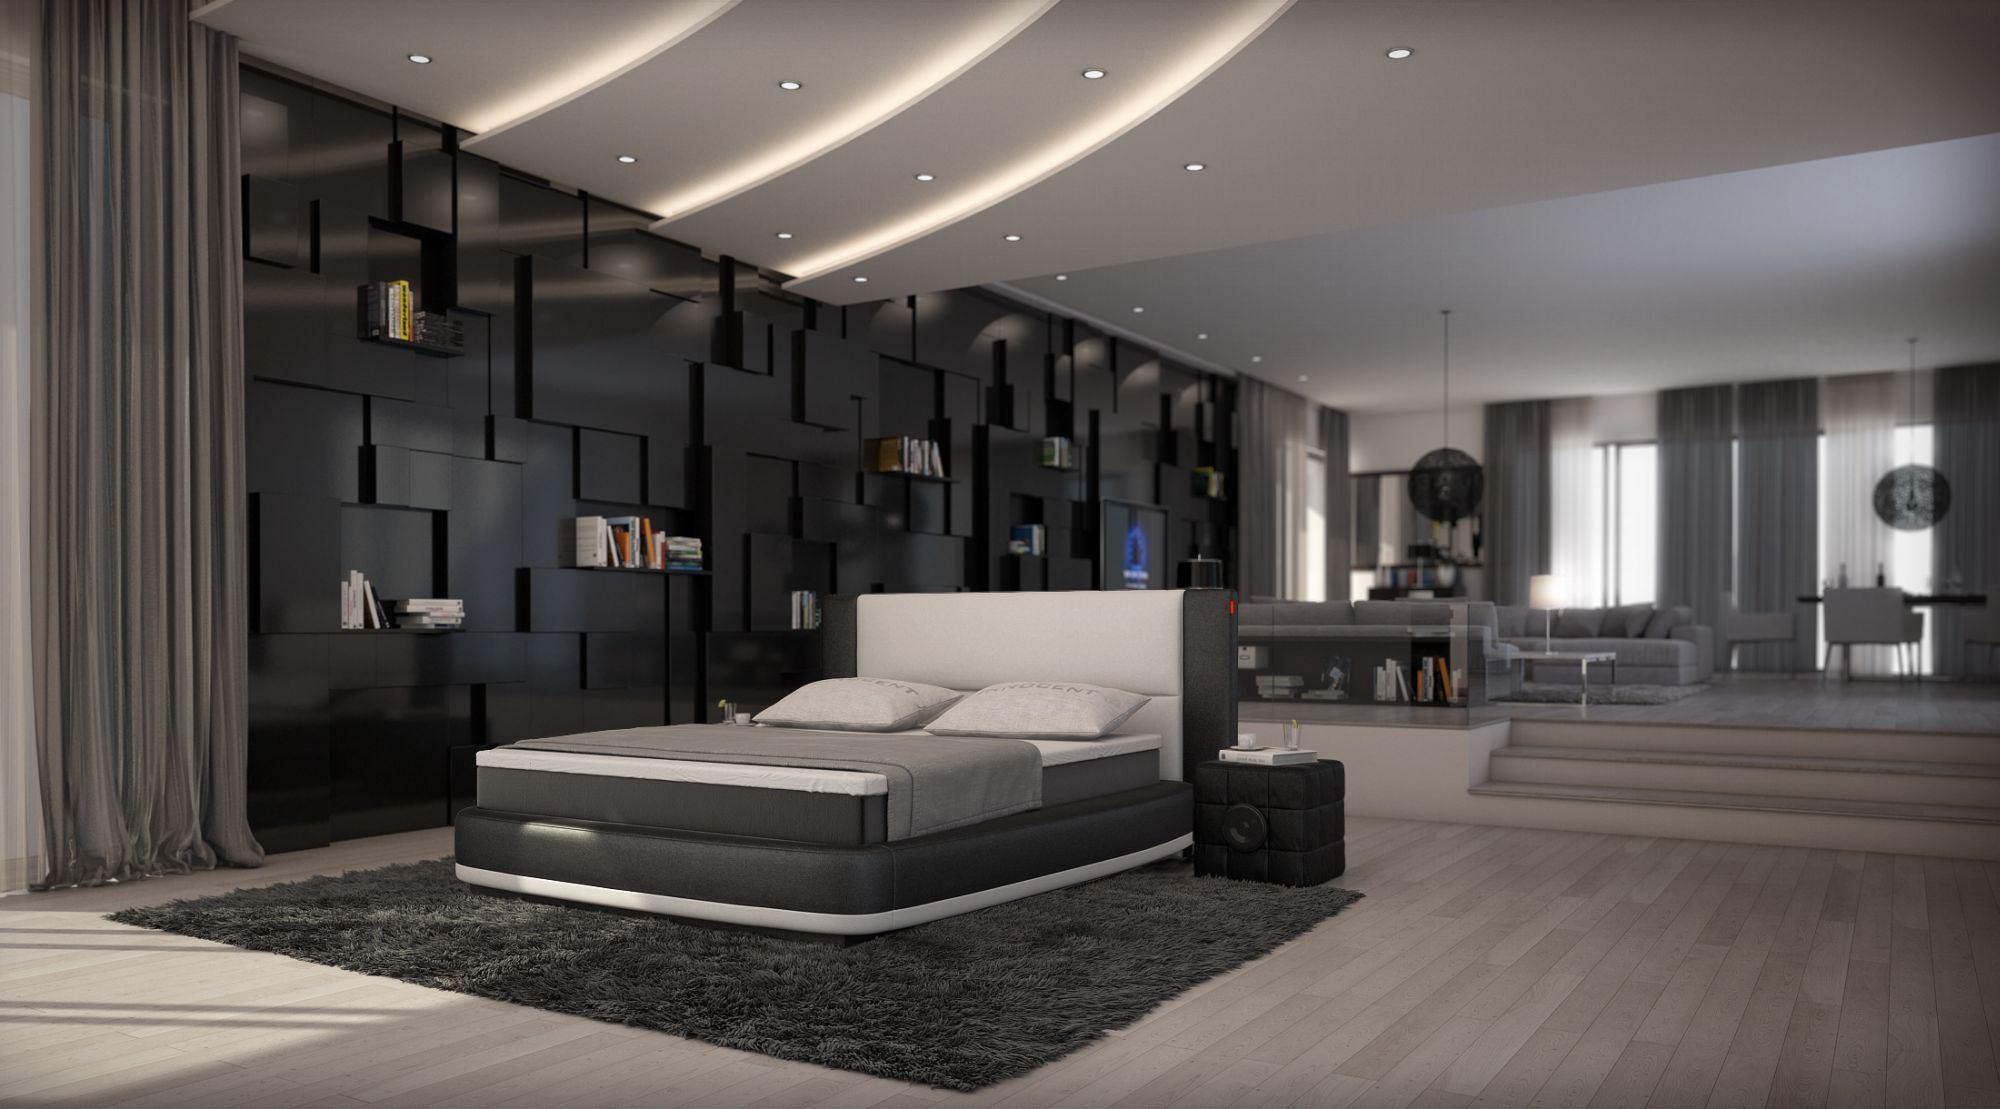 Trendy Farben U Design With Designer Bett.